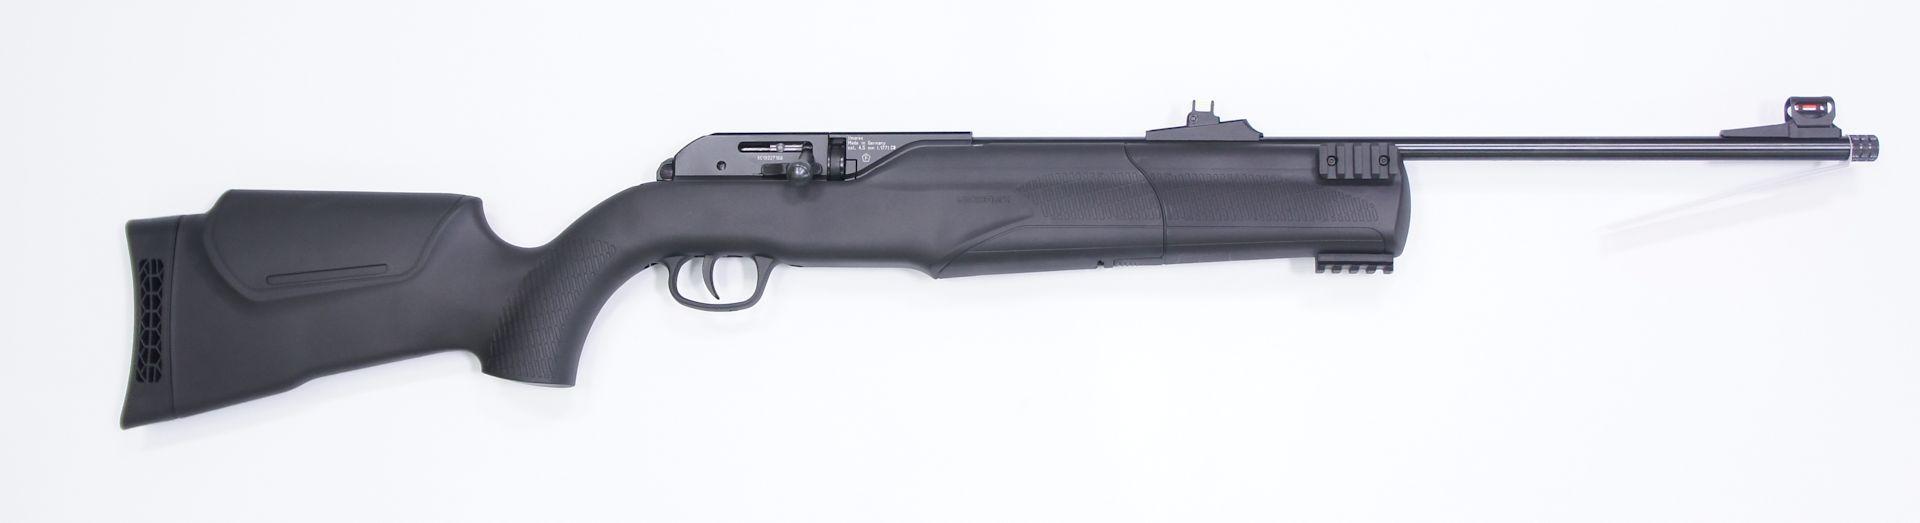 CO2-Luftgewehr Umarex 850 M2, •Waffenlänge: ca. 104 cm, mit vorgeschlagenem HW Schalldämpfer ca. 123 cm